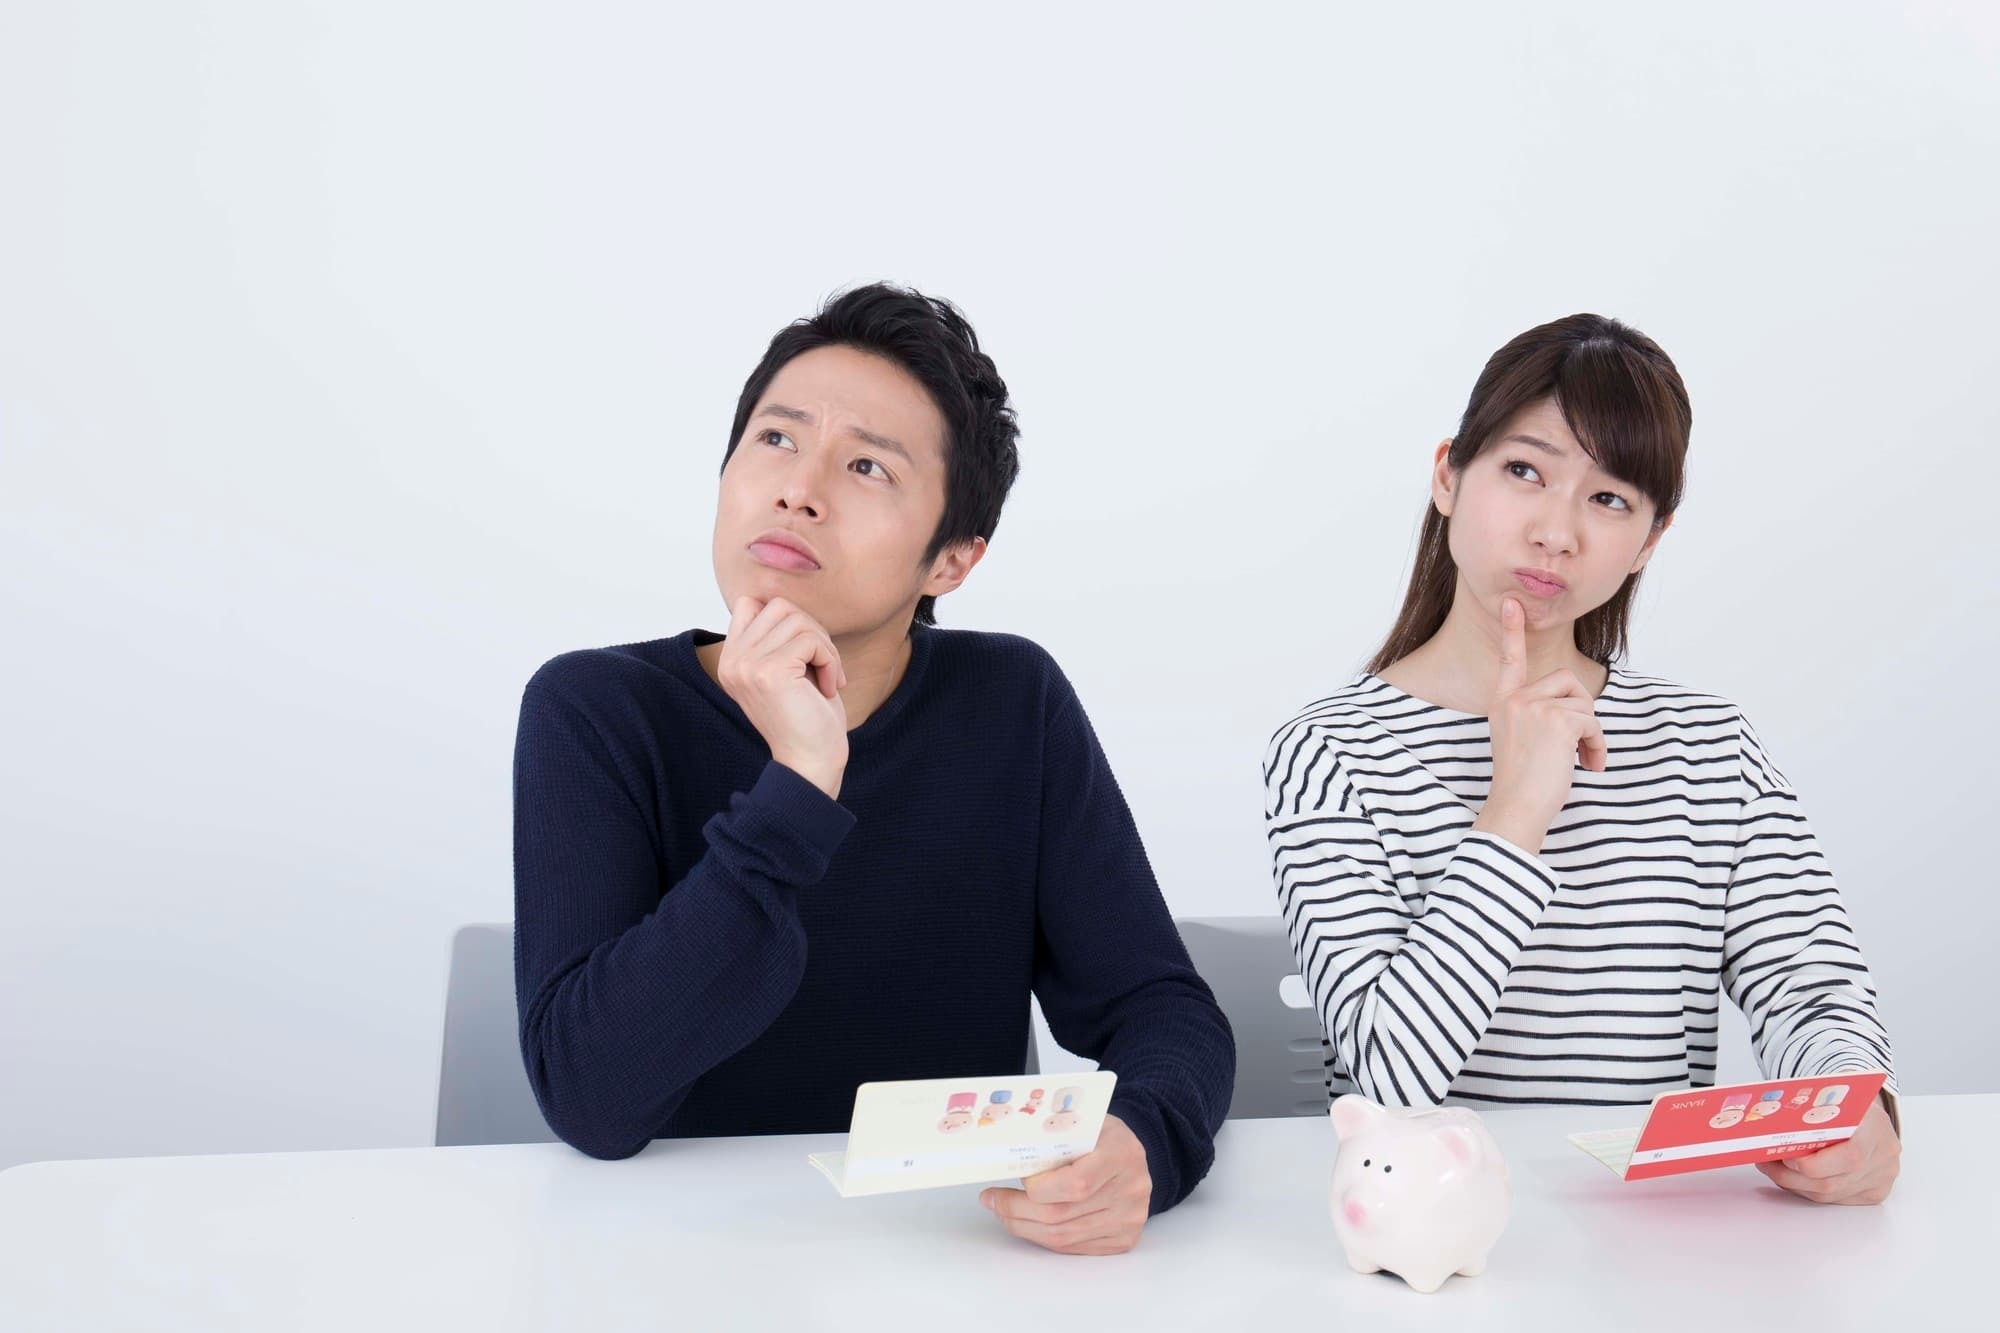 結婚したカップルの平均貯金額は?